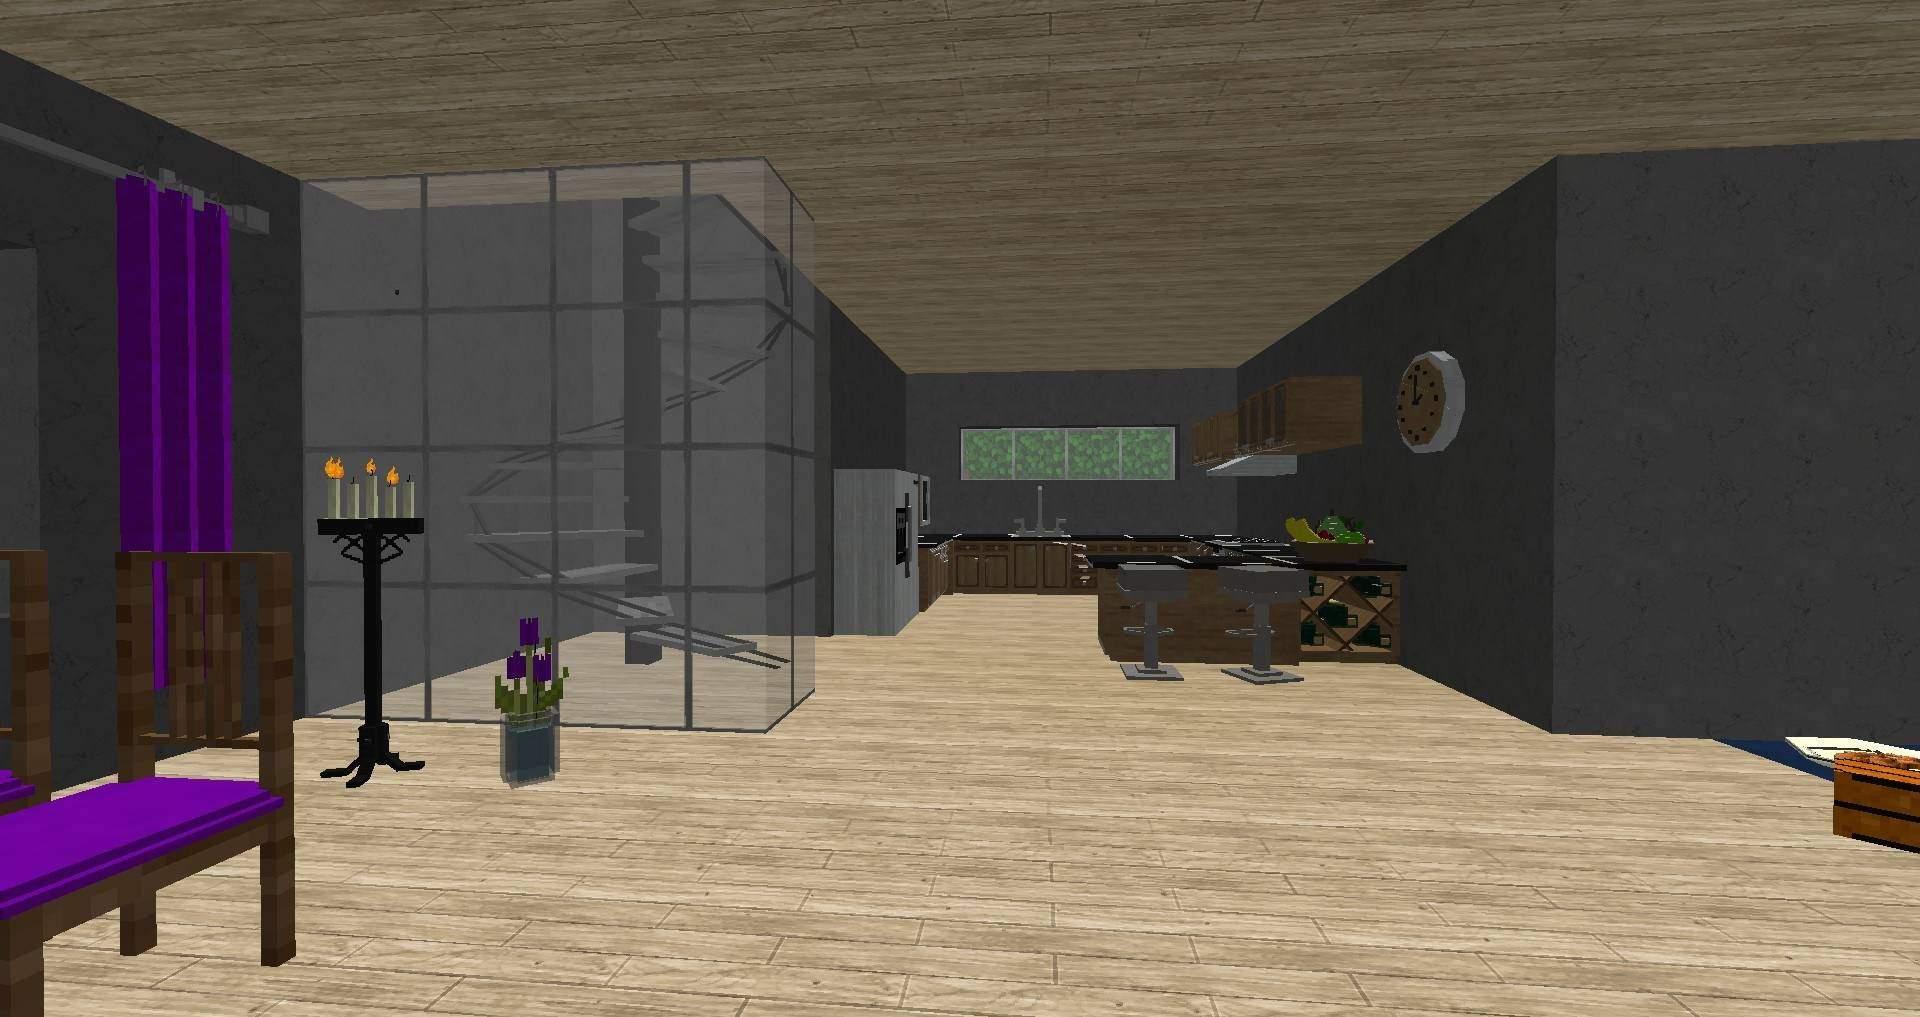 Full Size of Wohnzimmer Ideen 2020 Minecraft Luxus Unique Mbel Teppich Deckenleuchten Led Deckenleuchte Anbauwand Gardinen Vorhänge Liege Wandtattoo Hängeleuchte Moderne Wohnzimmer Wohnzimmer Ideen 2020